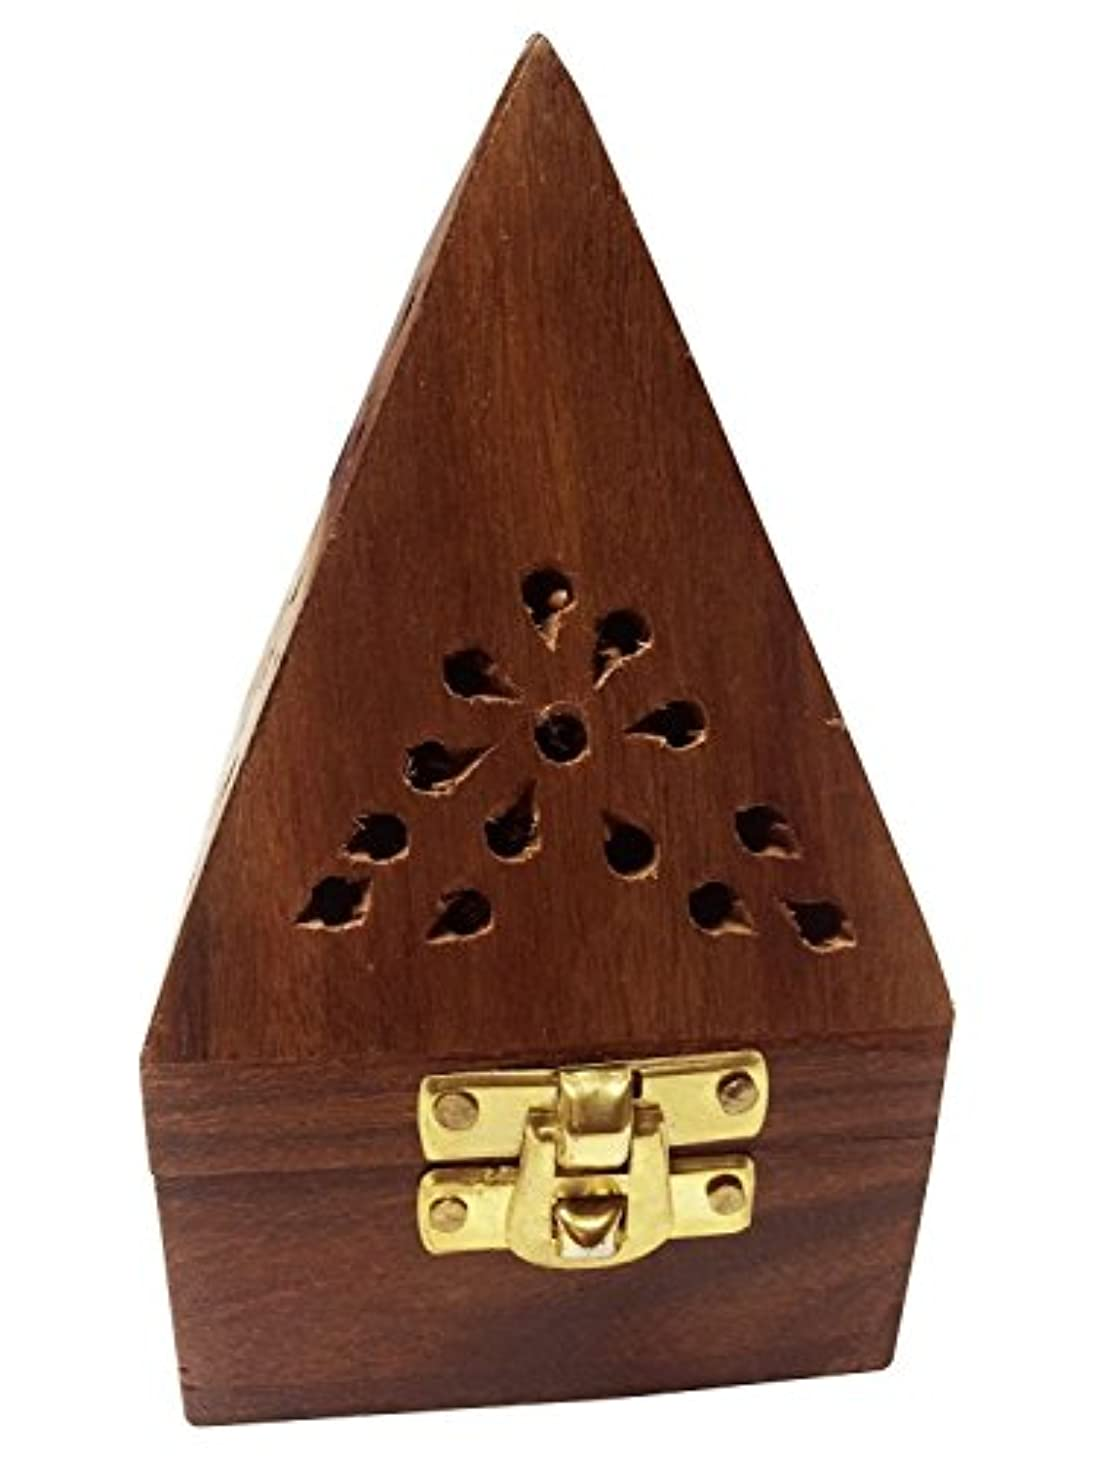 義務づけるジャーナルタイヤWooden Classic Pyramid Style Burner (Dhoop Holder) With Base Square and top Cone Shape,Wooden Incense Burner Box